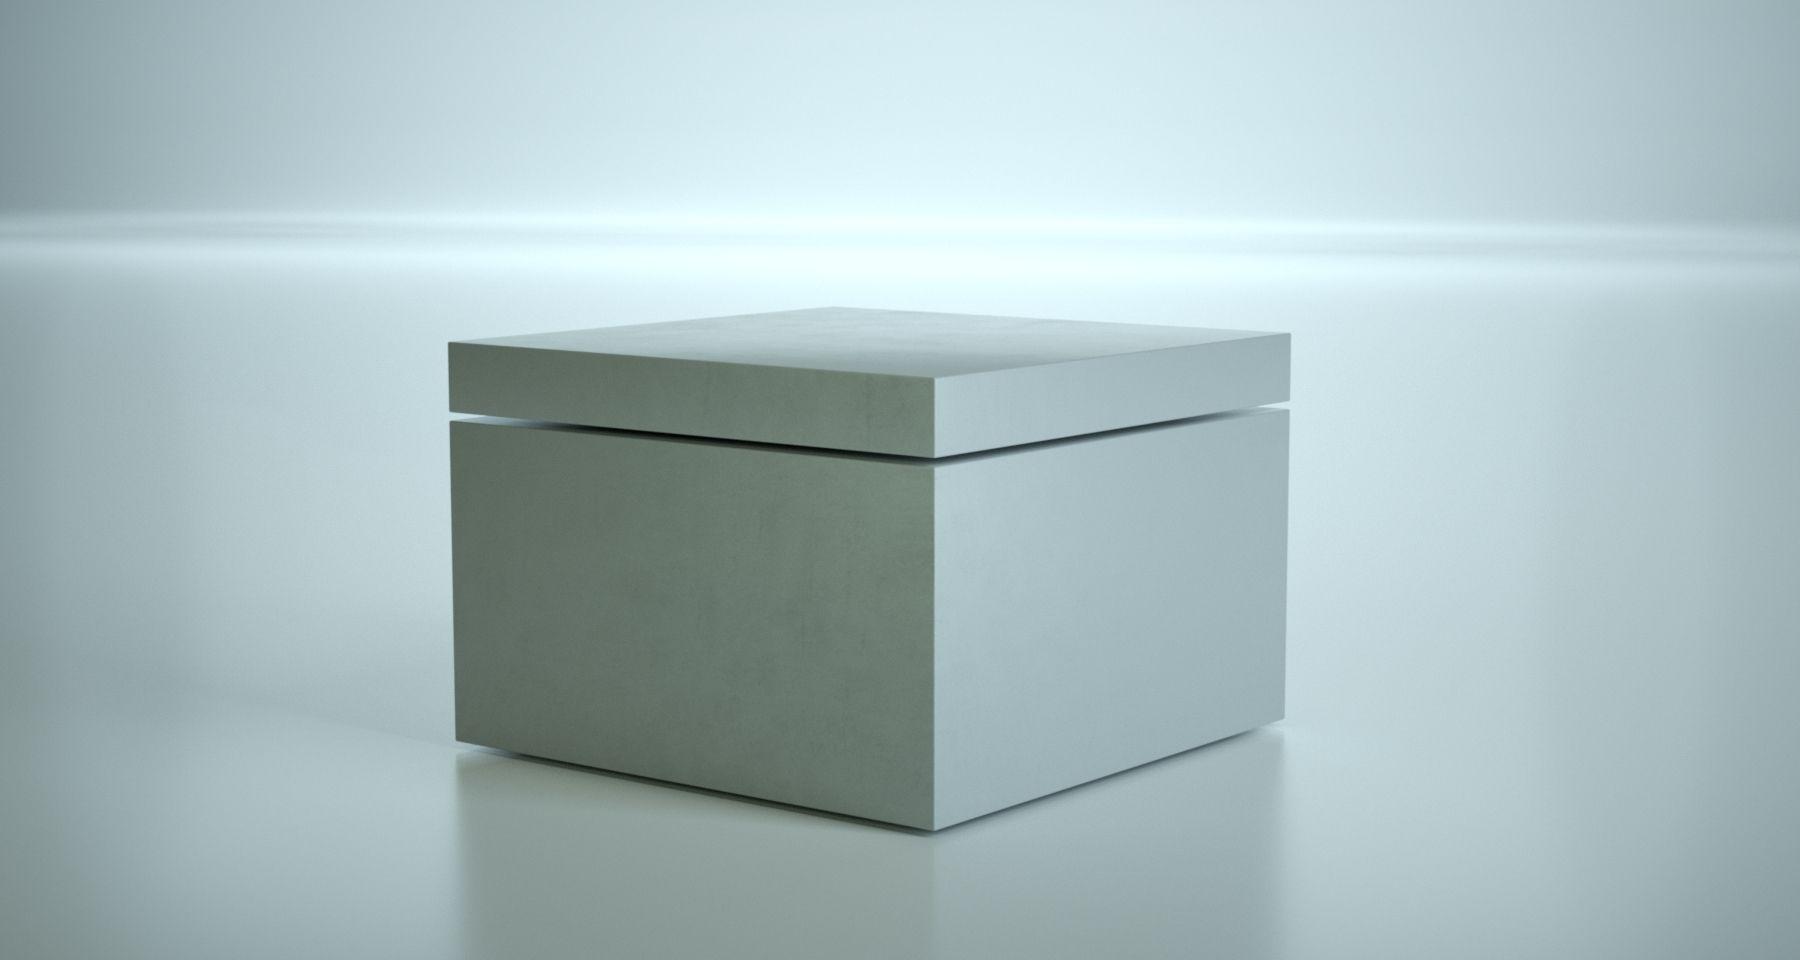 Blickfang Loungetisch Dekoration Von Lounge Tisch/beistelltisch. Aus Glasfaserbeton In Kombination Mit